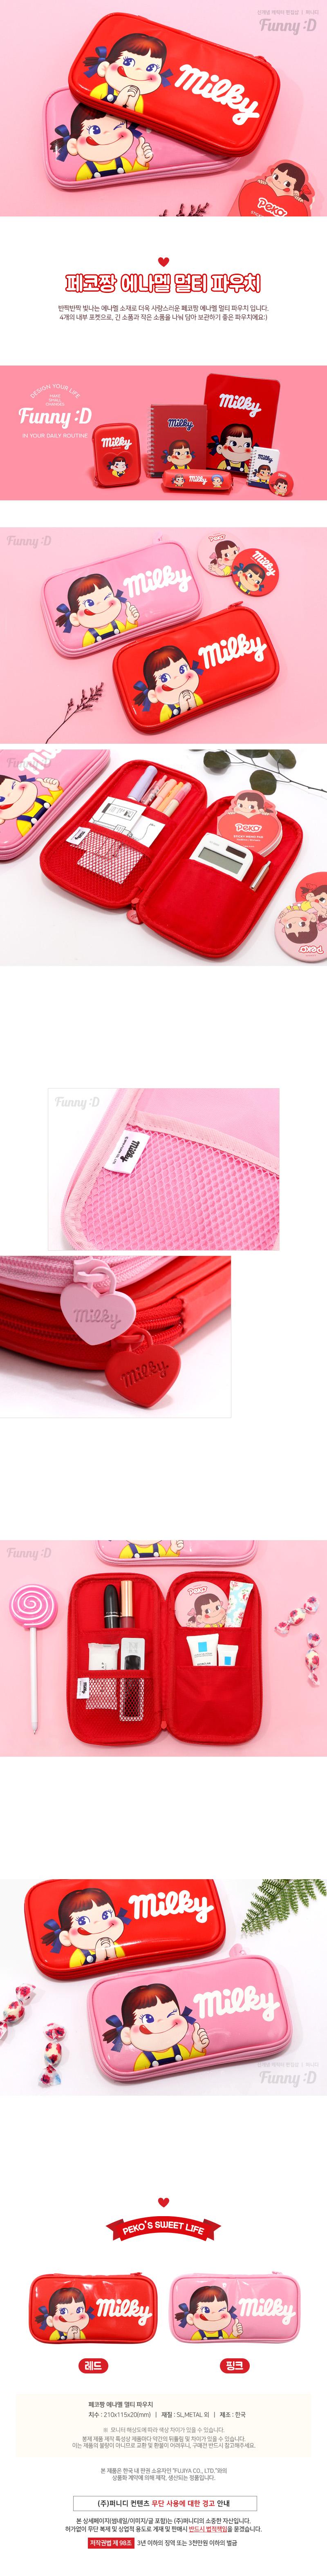 페코 에나멜 멀티 화장품 파우치 - 슈퍼8비트, 18,500원, 다용도파우치, 지퍼형